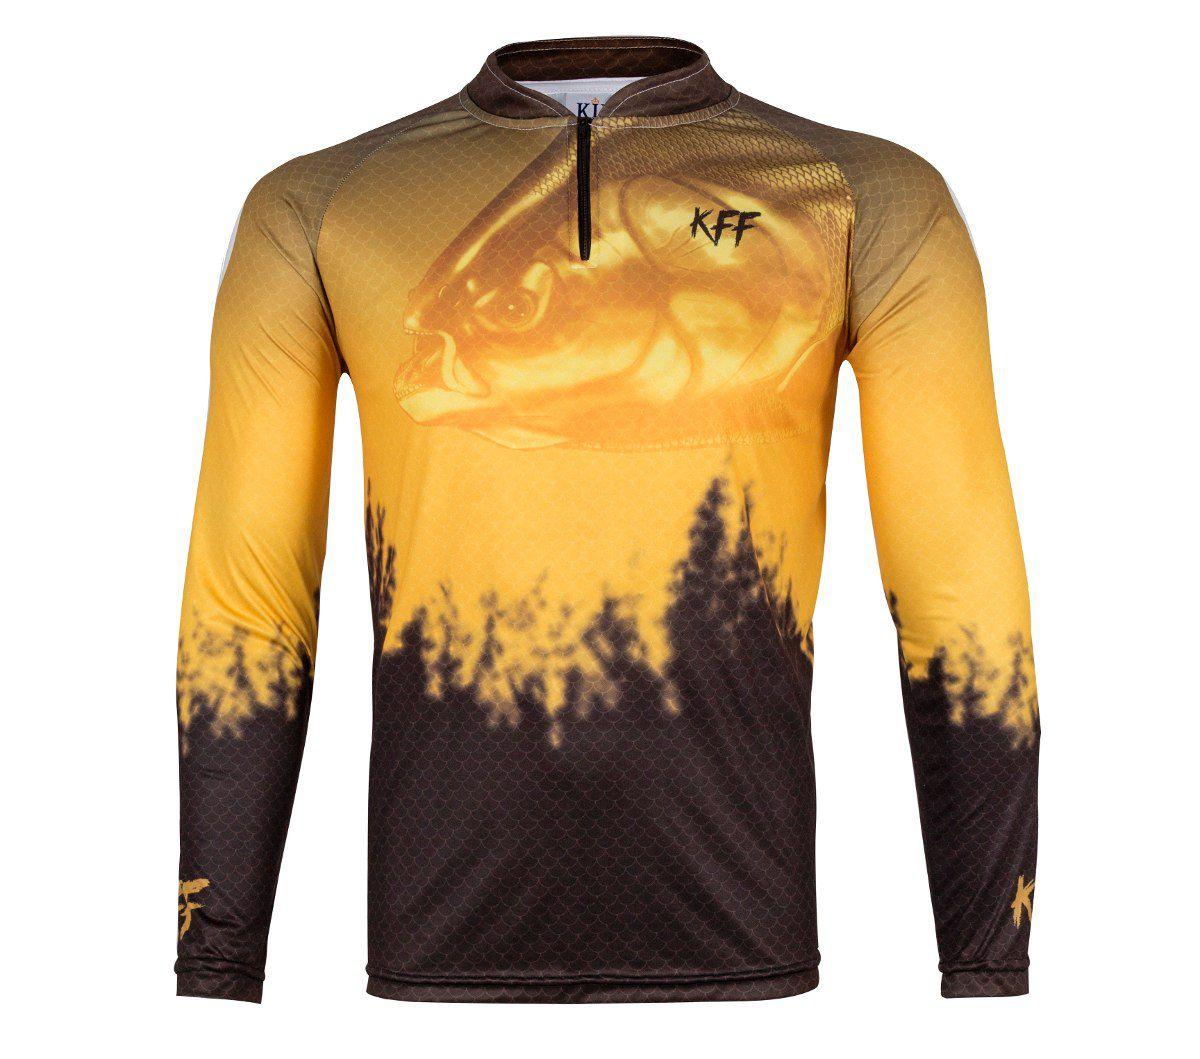 Camiseta De Pesca King Proteção Solar Uv KFF59 - Tamba